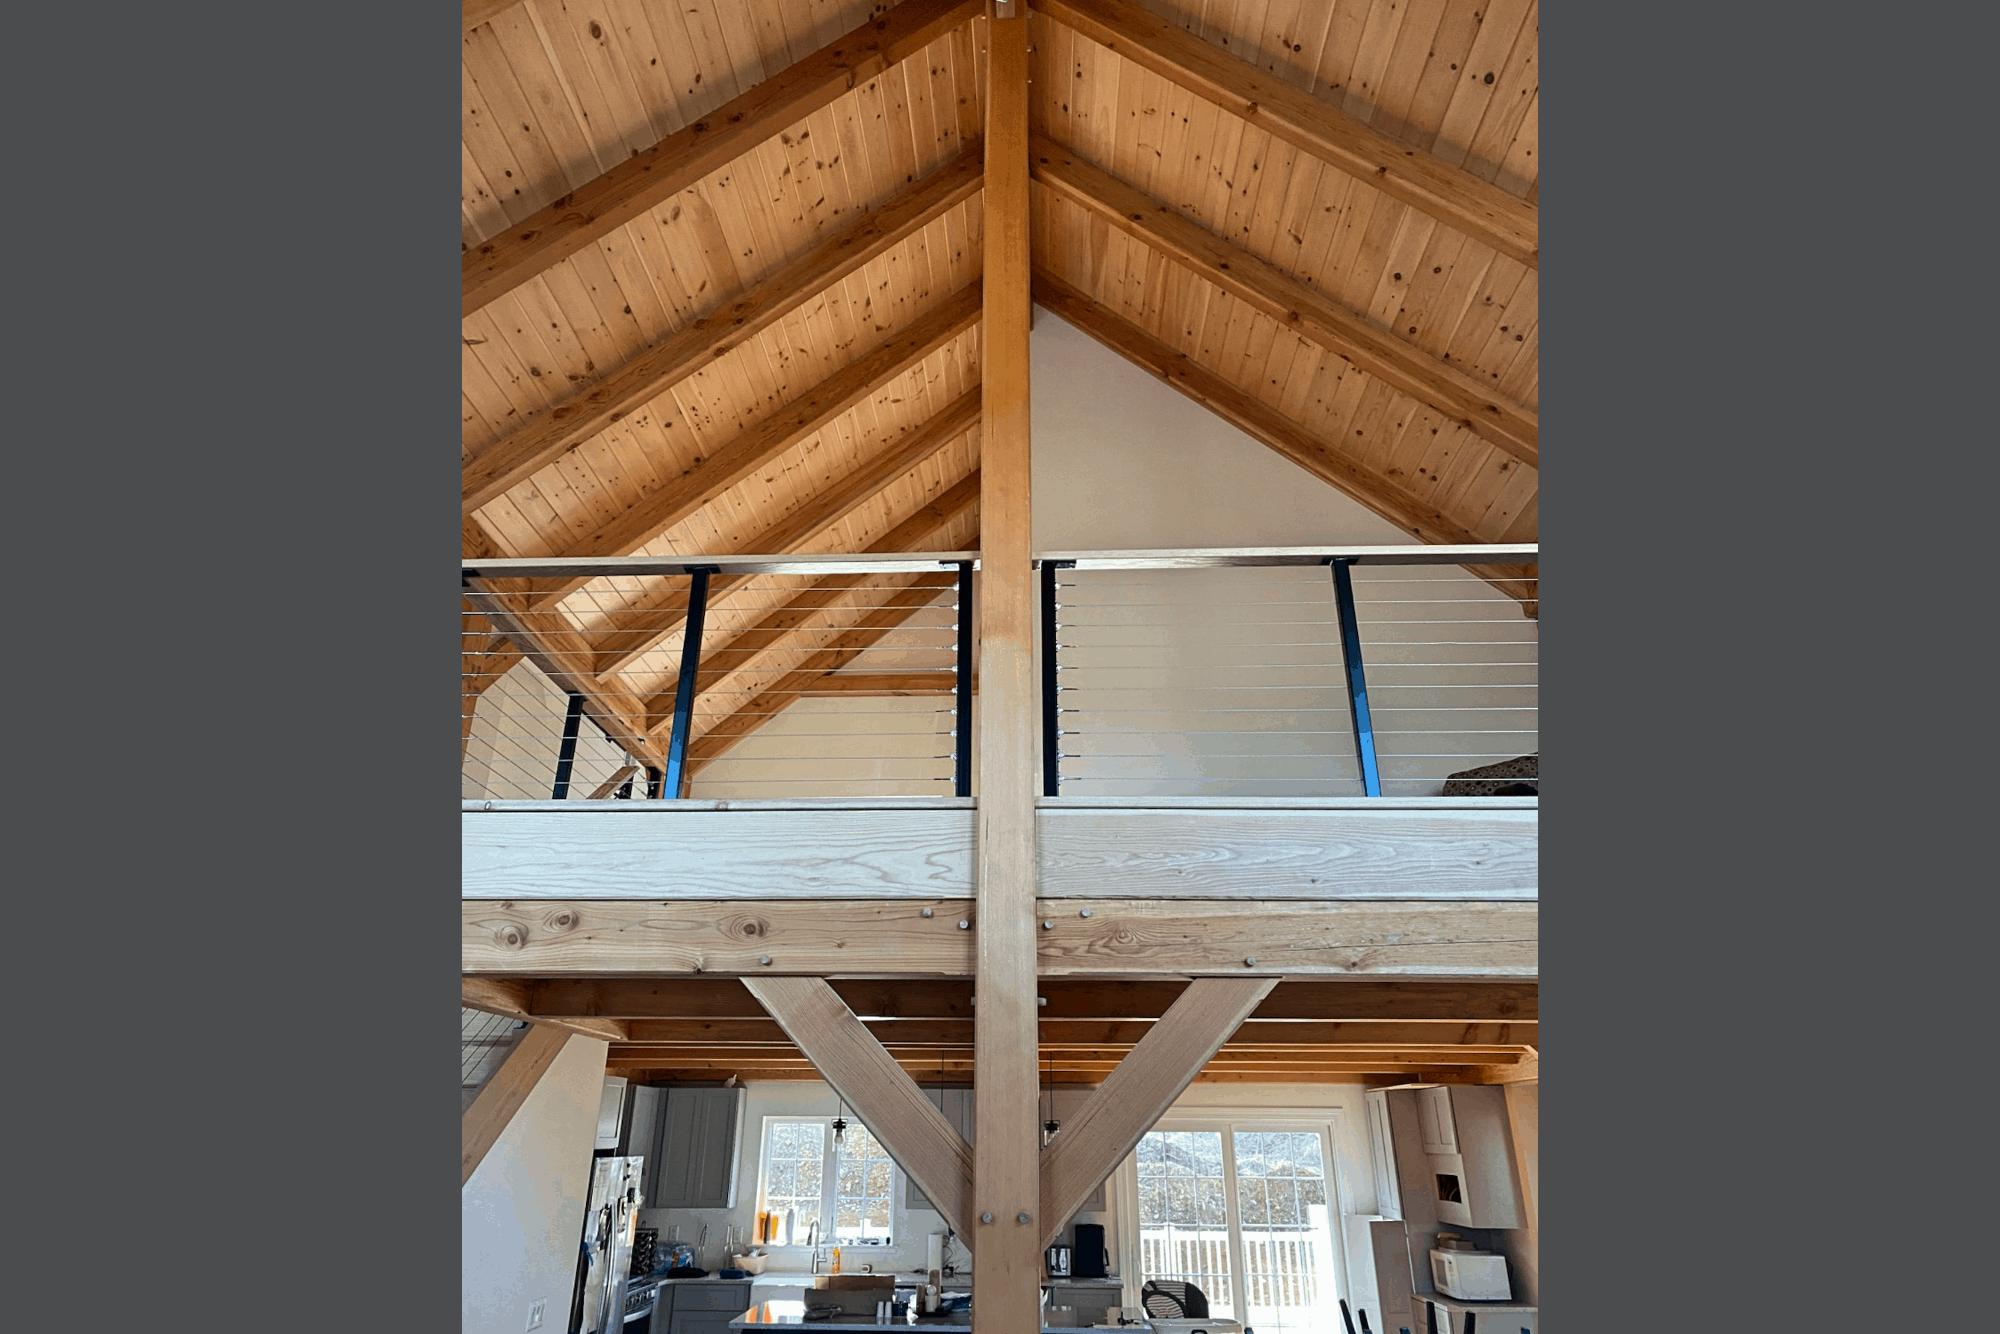 loft mass timber